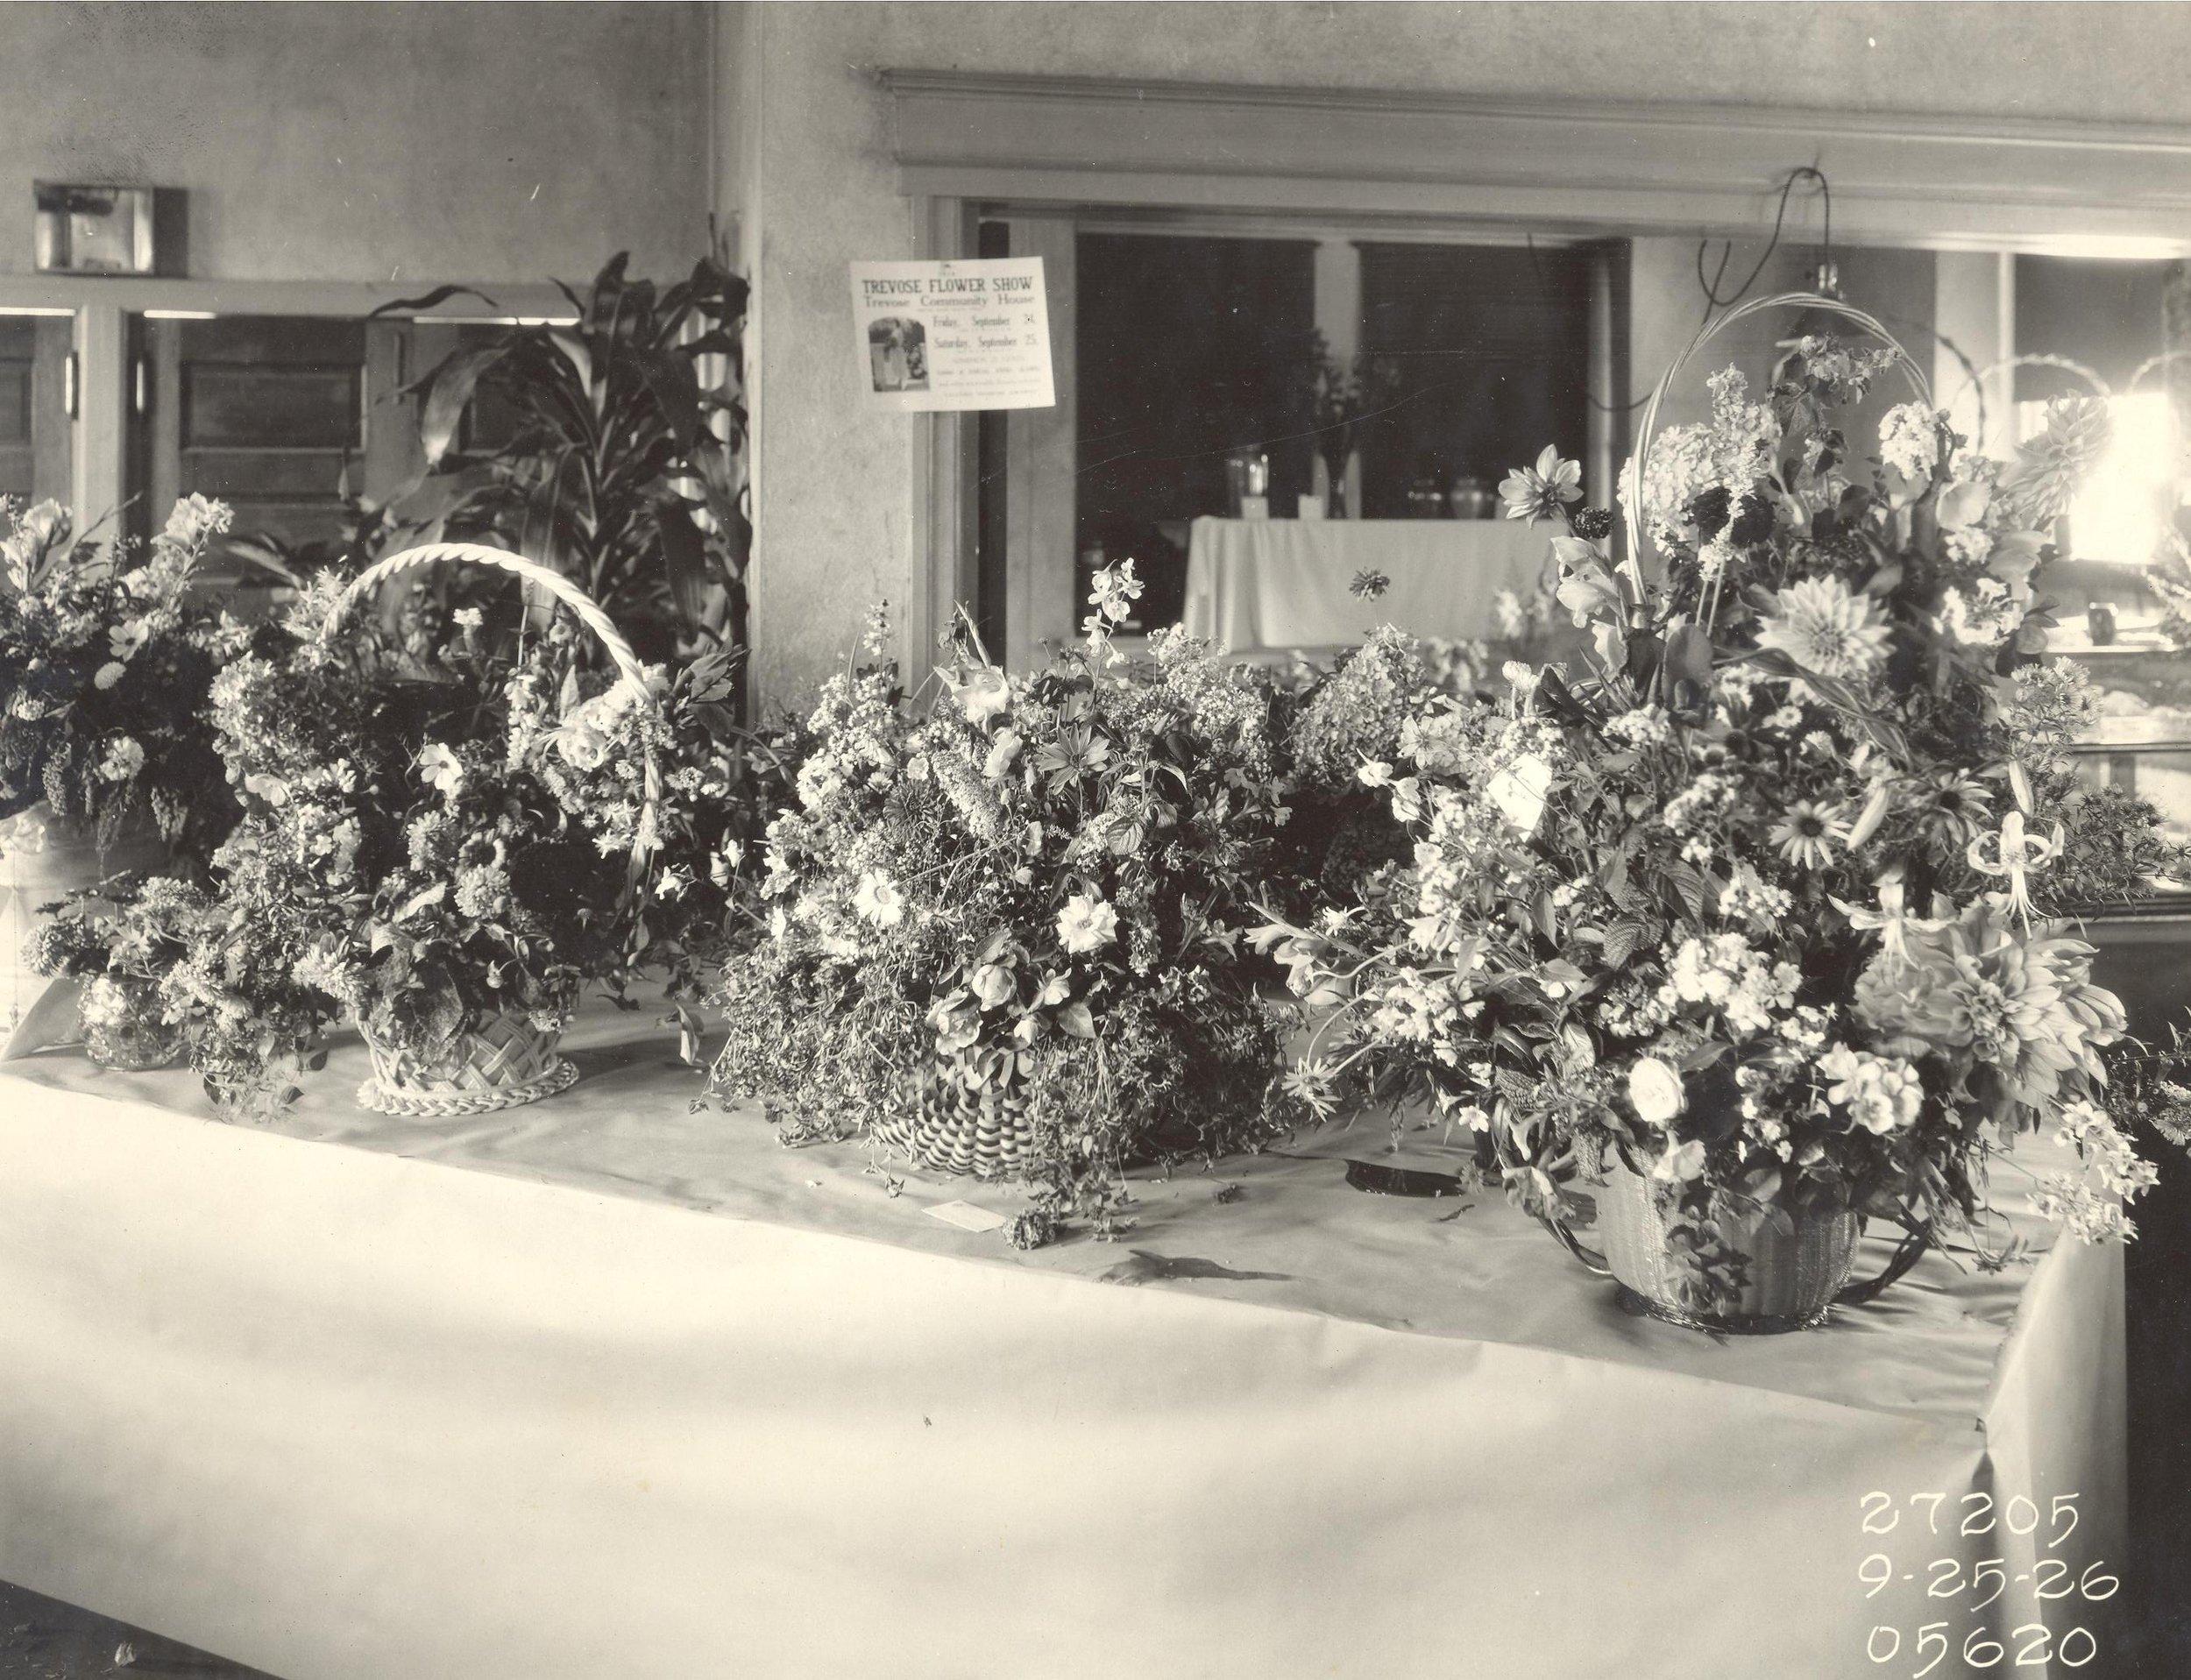 flower show 1926b 001.jpg